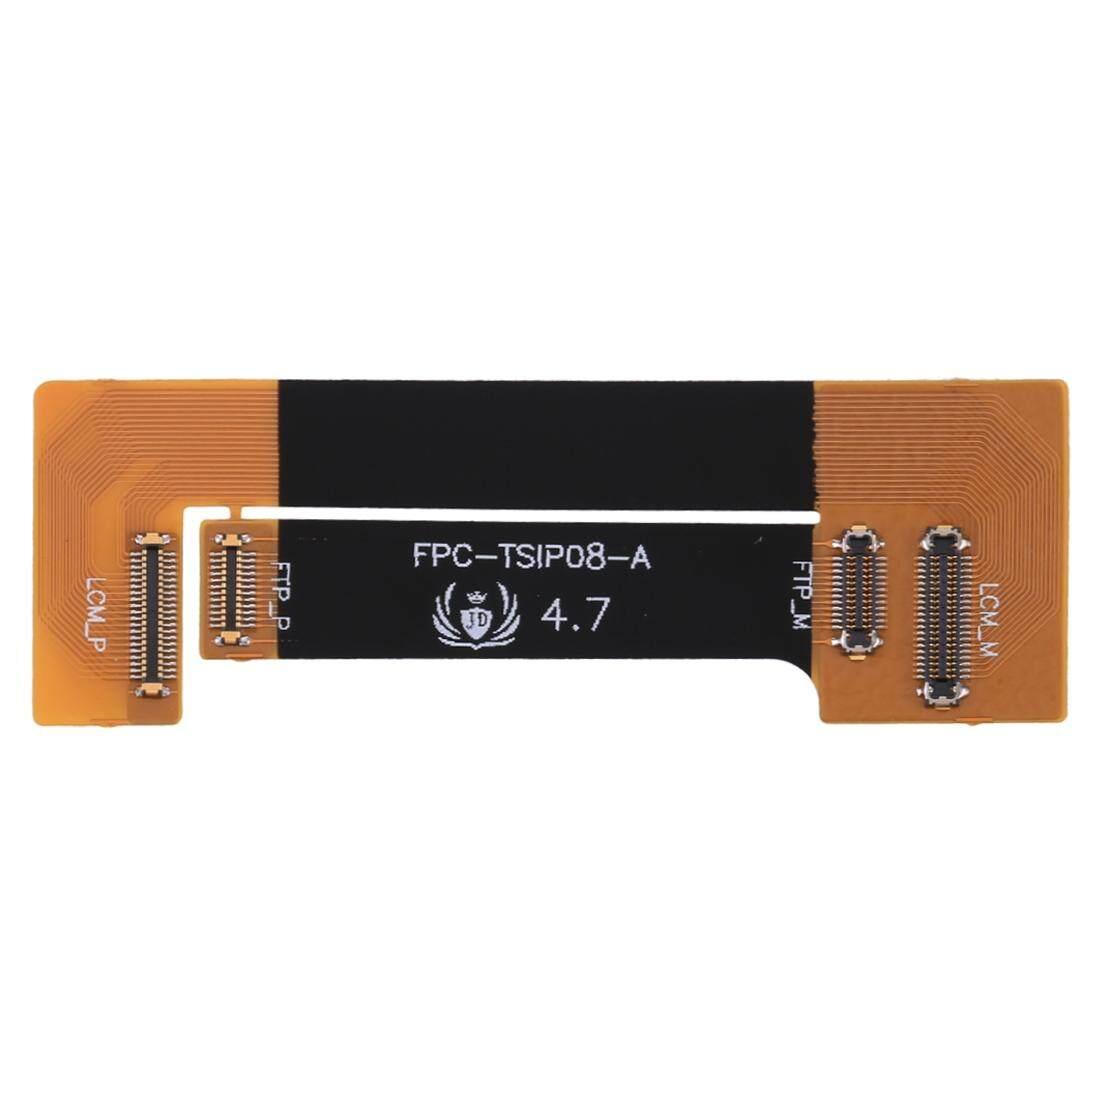 Layar LCD Digitizer Panel Sentuh Ekstensi Pengujian Fleksibel Kabel untuk iPhone 8